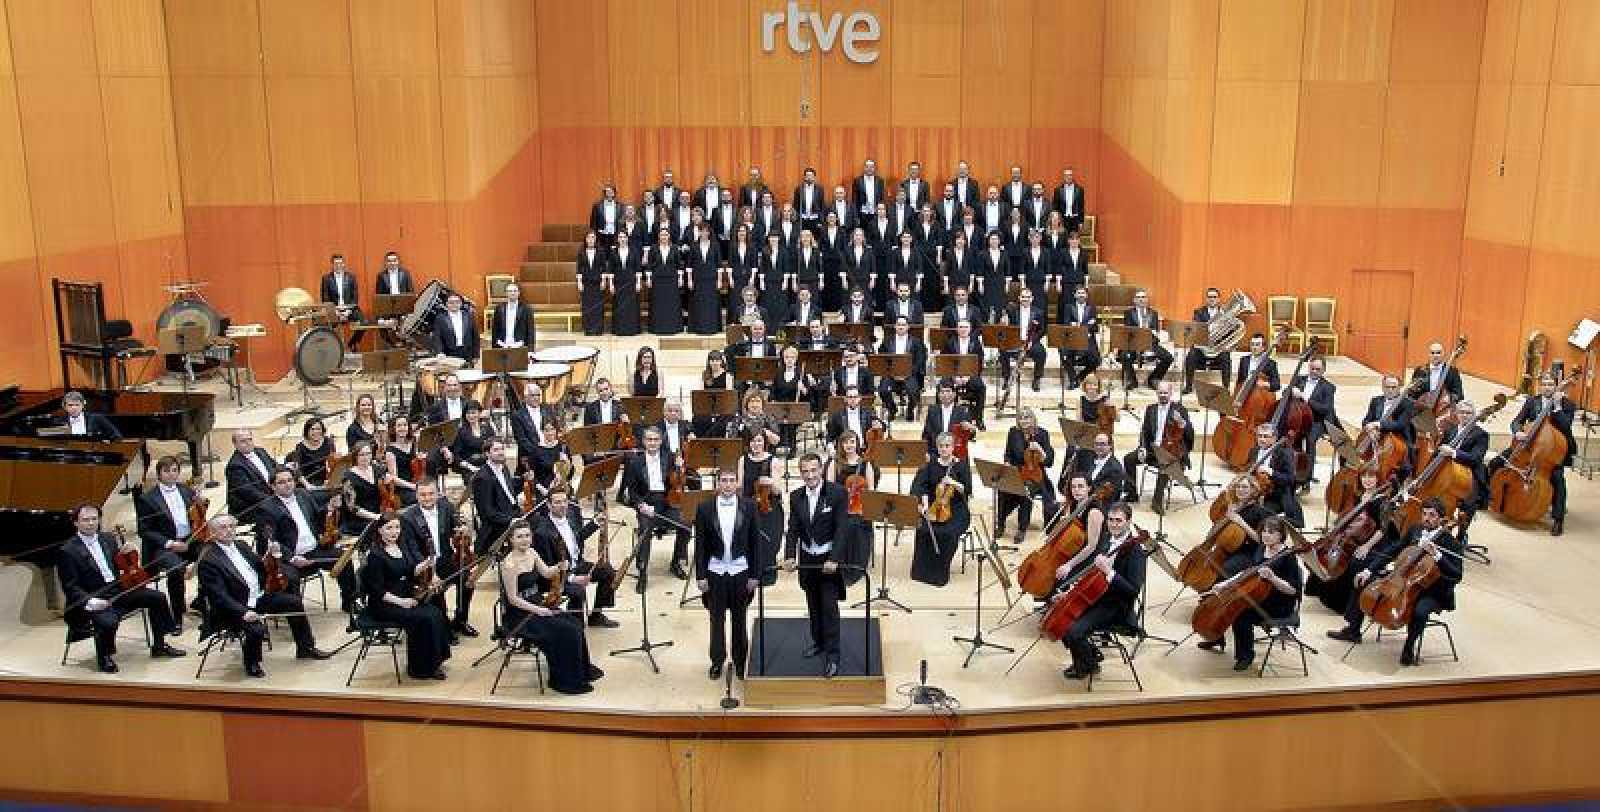 coro-orquesta-rtve